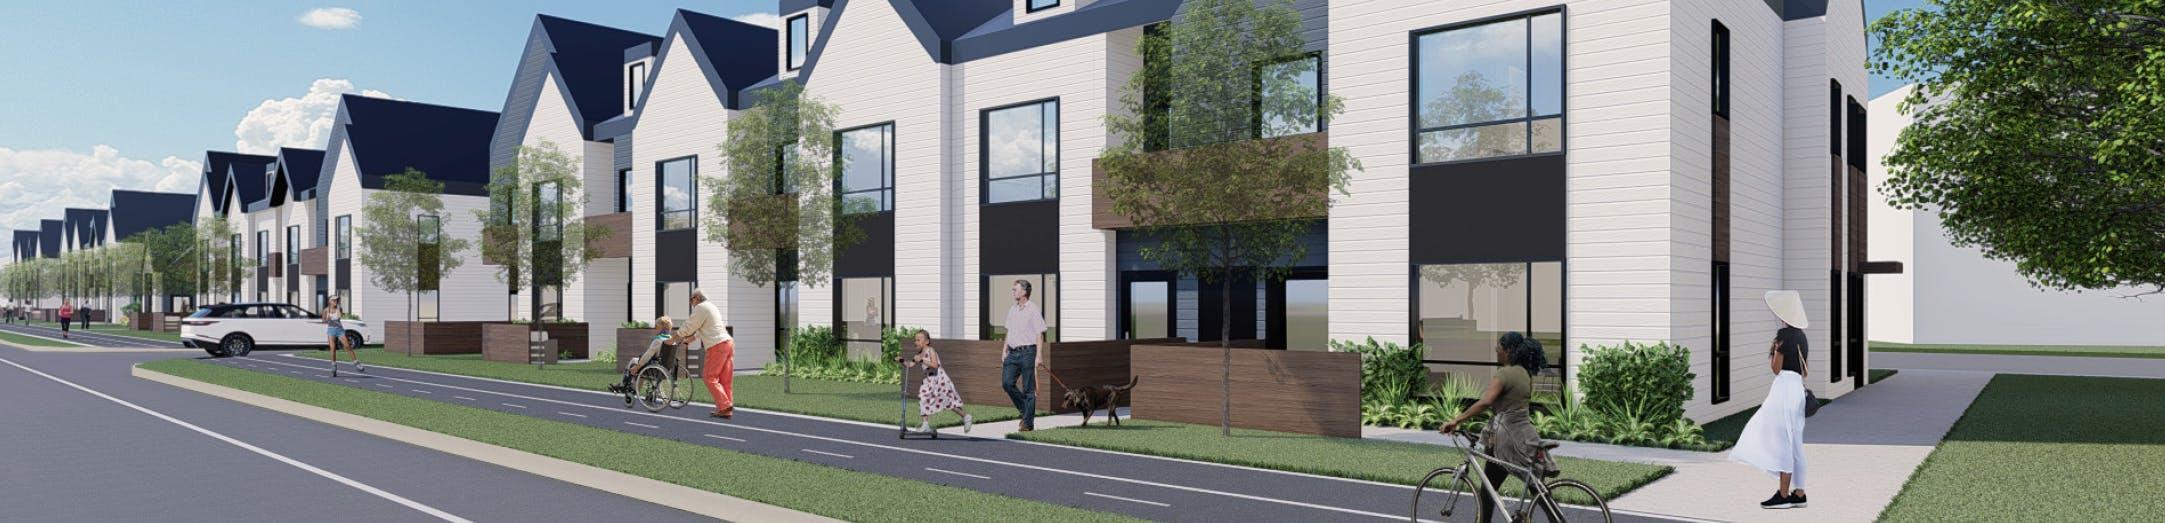 Digital illustration of proposed Elgin Park redevelopment design